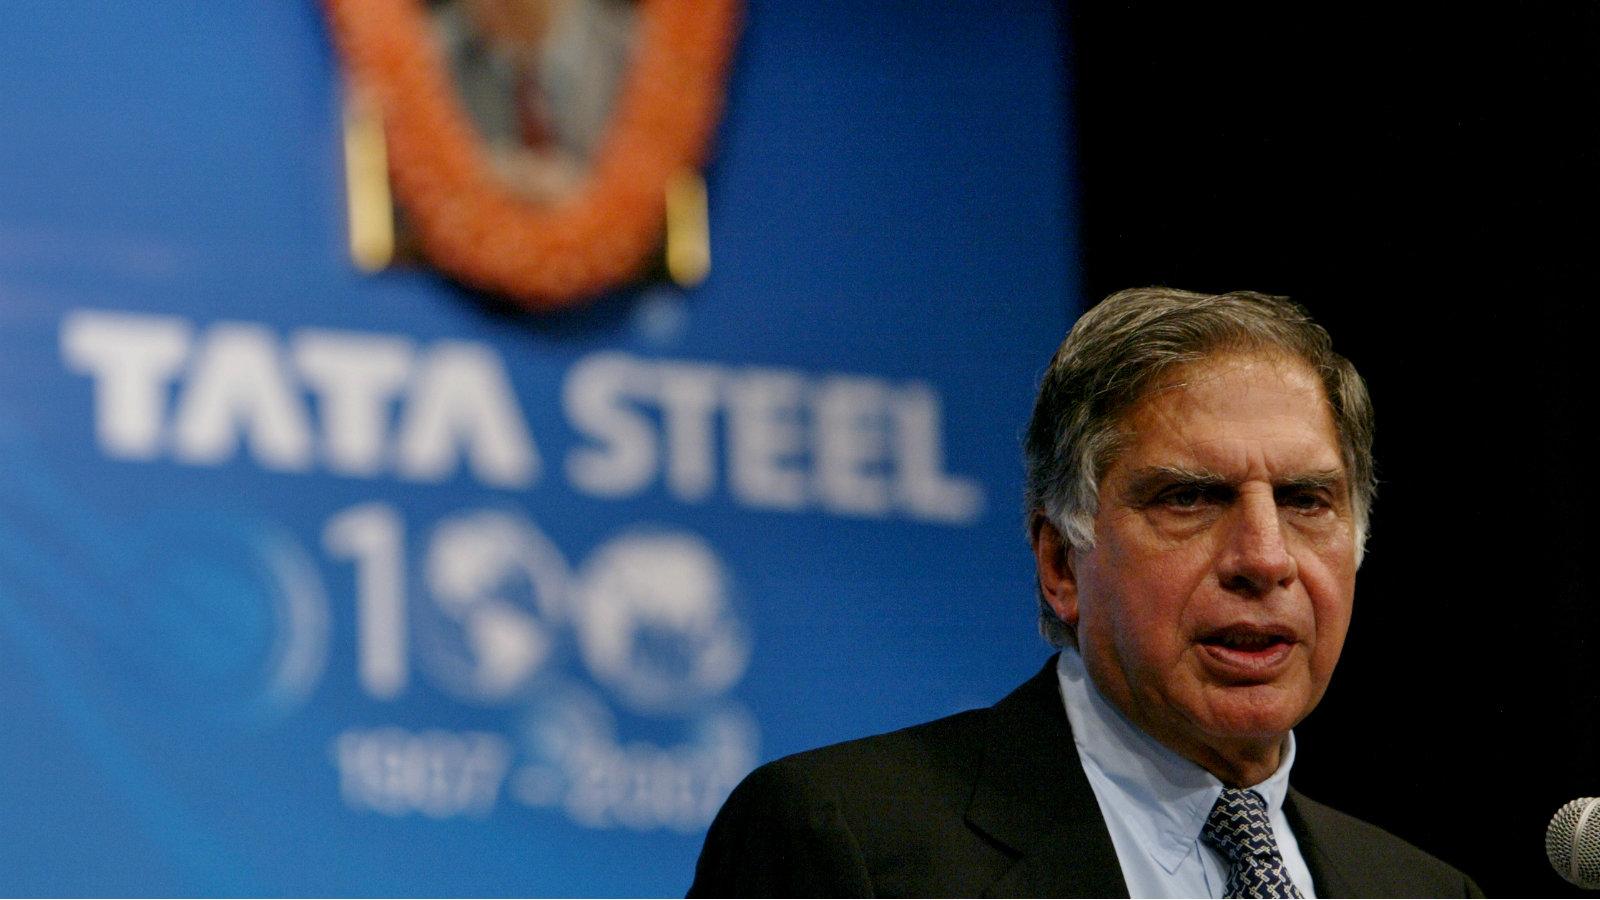 Ratan Tata-Tata Steel